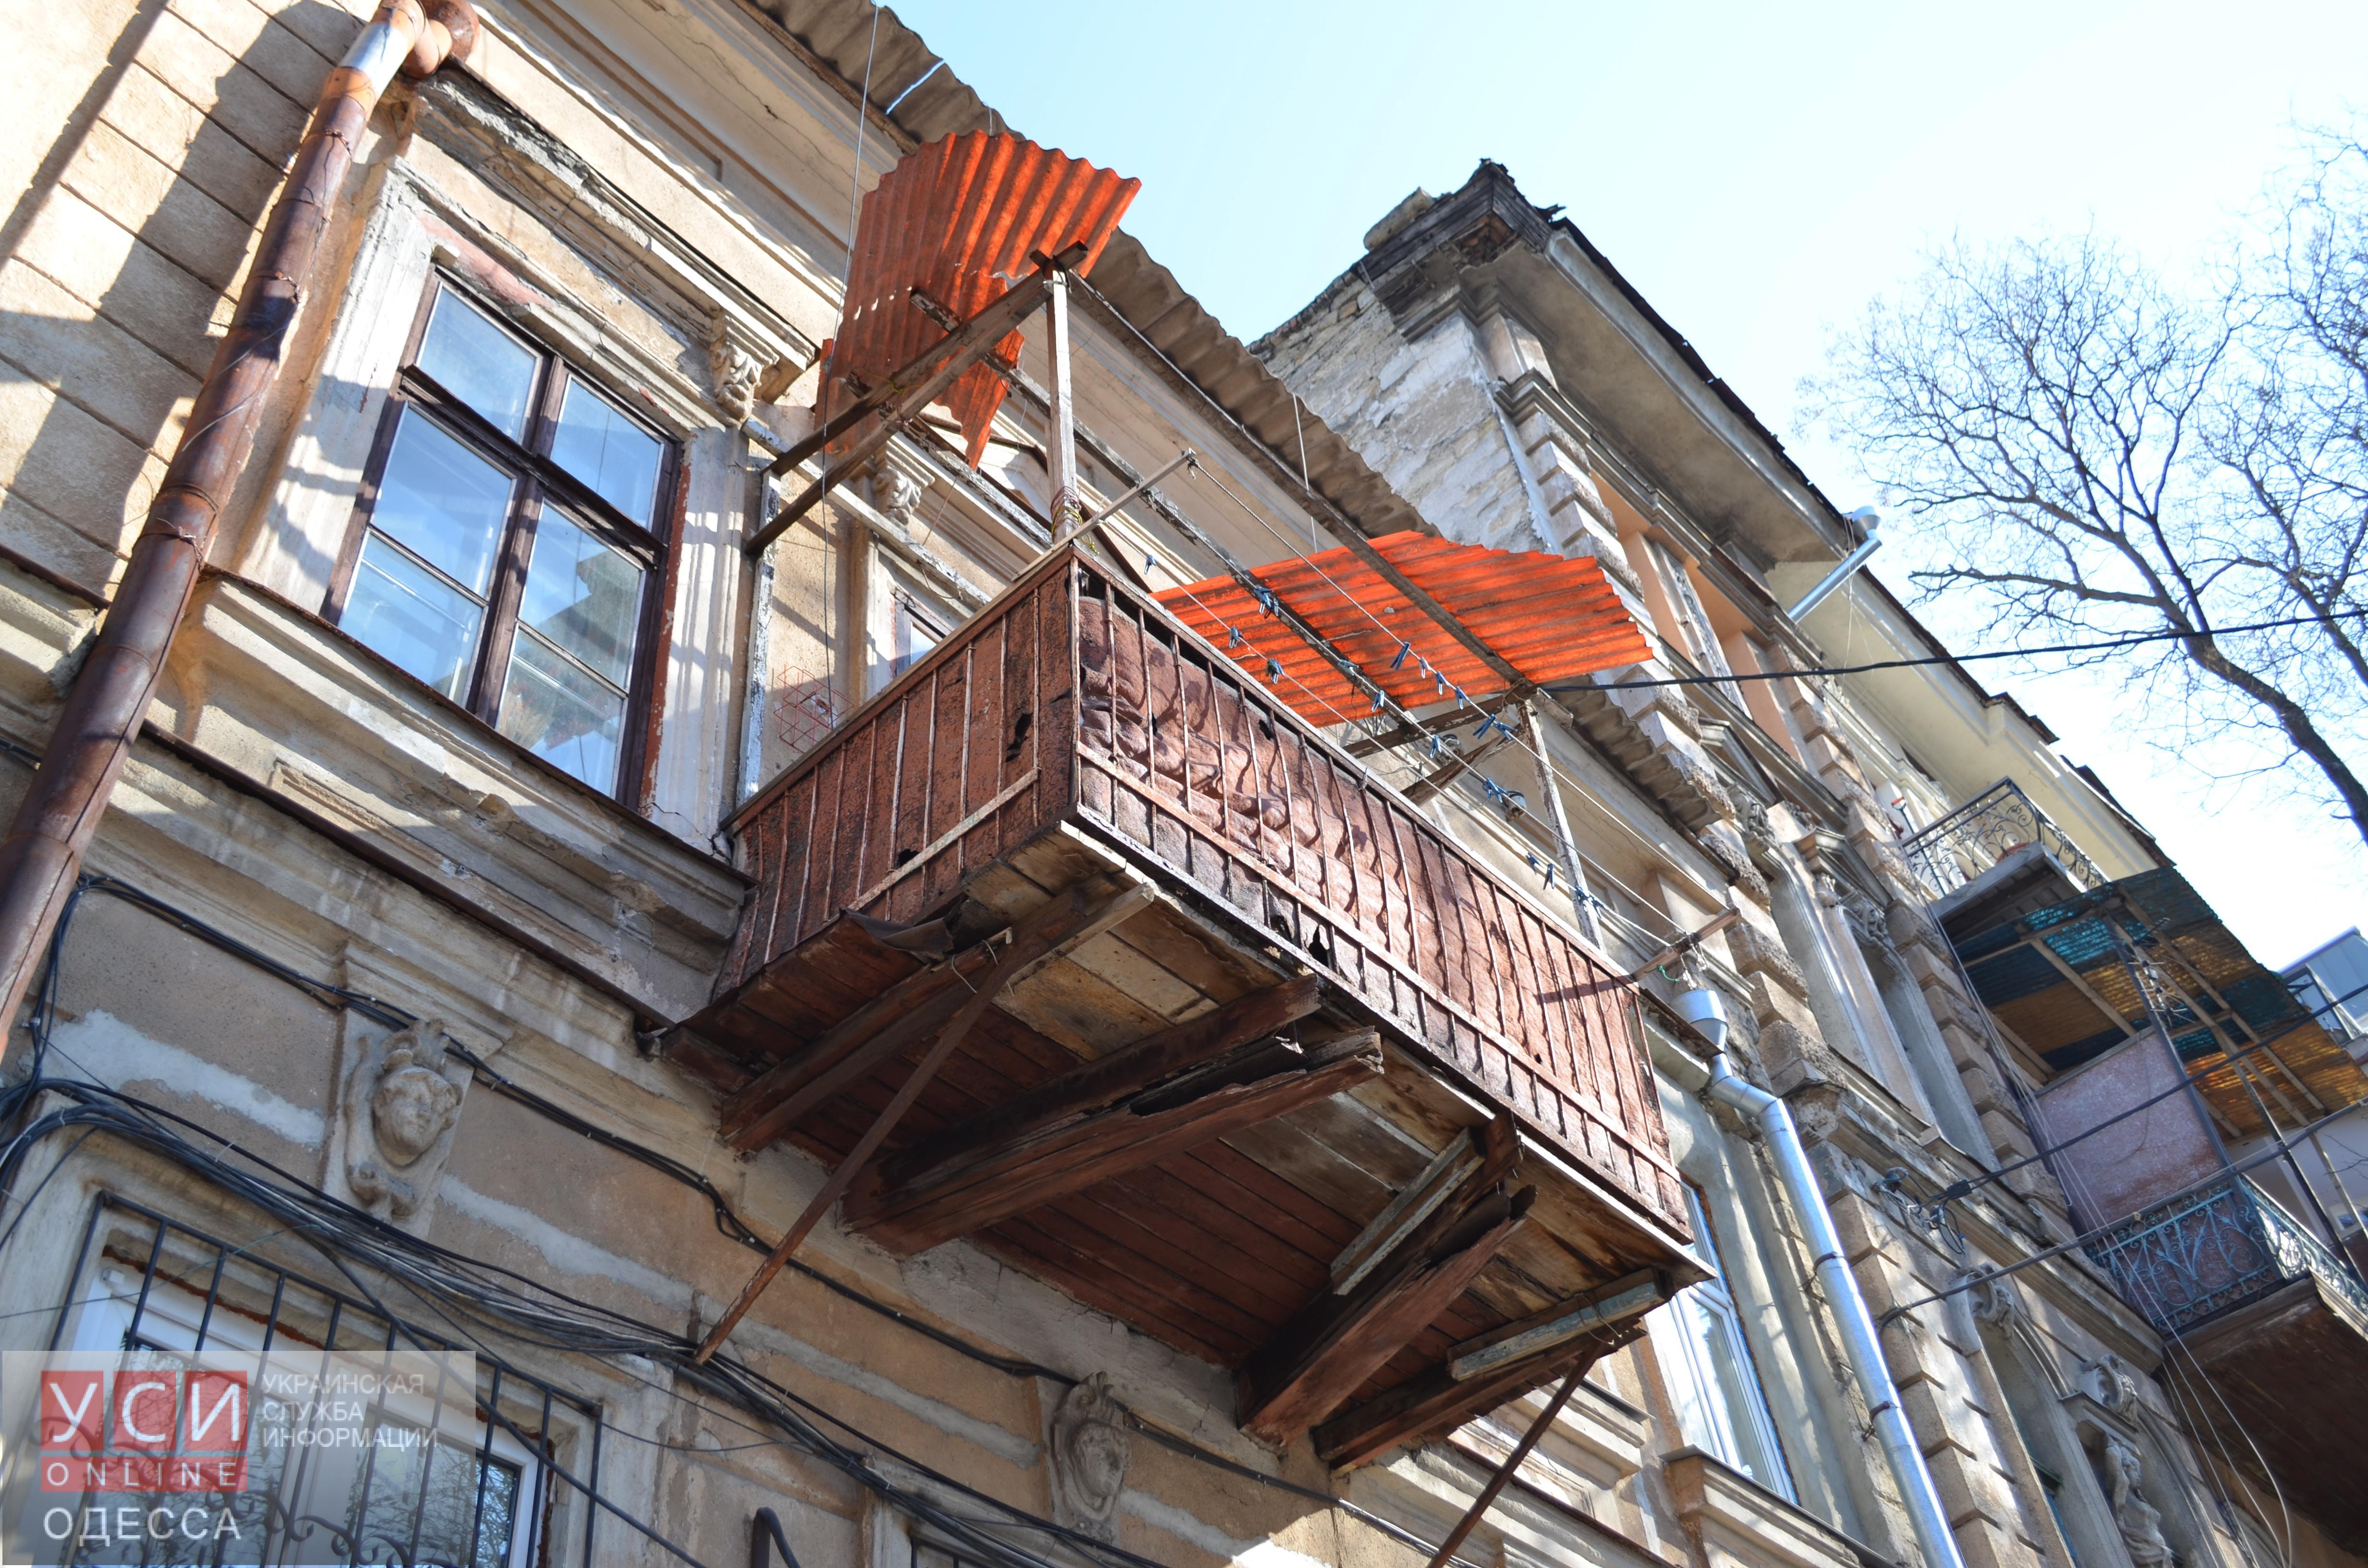 Аварийный балкон в центре одессы несет большую опасность для.